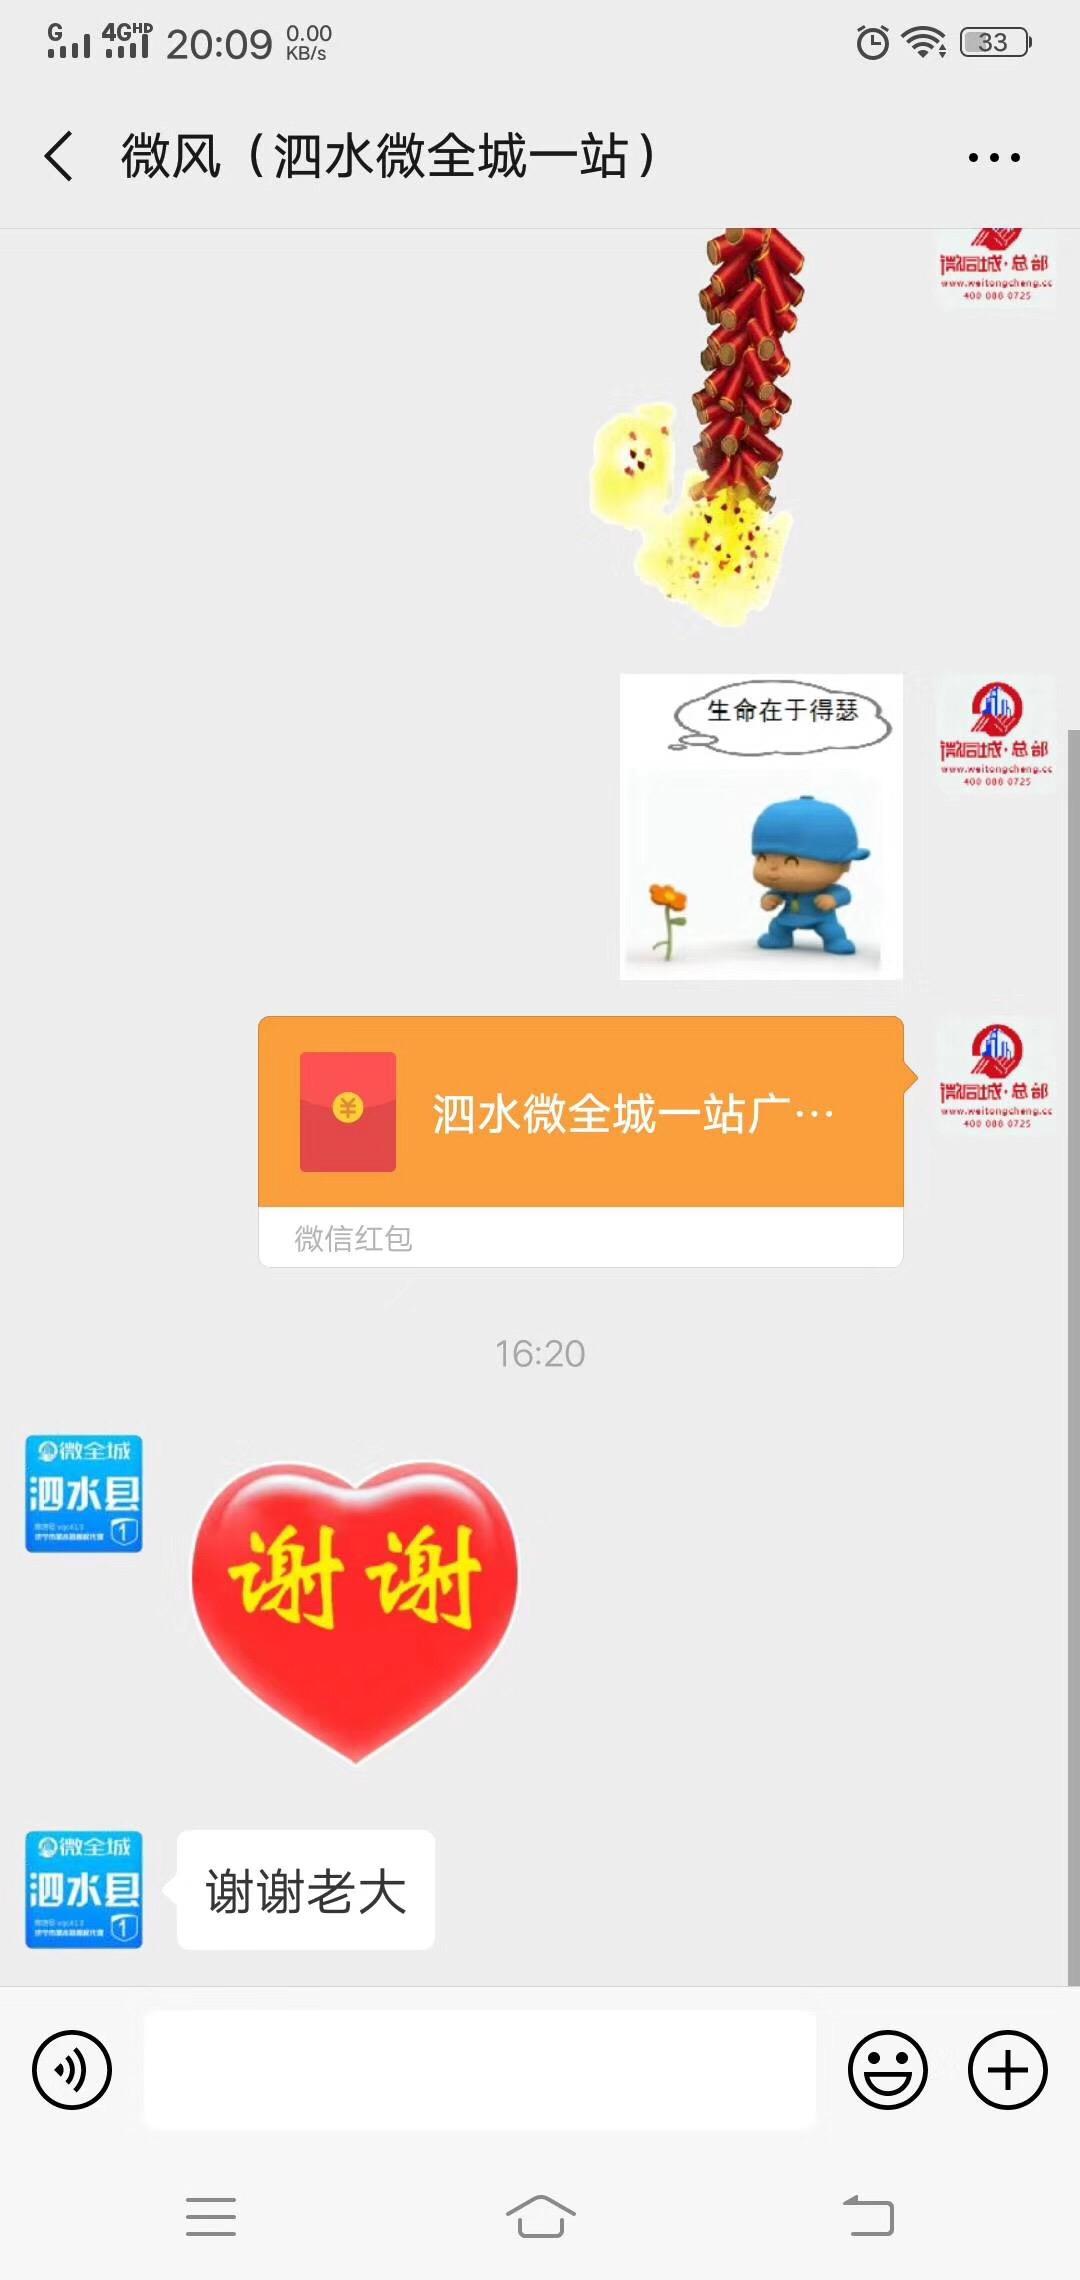 泗水微全城微帮一站广告佣金